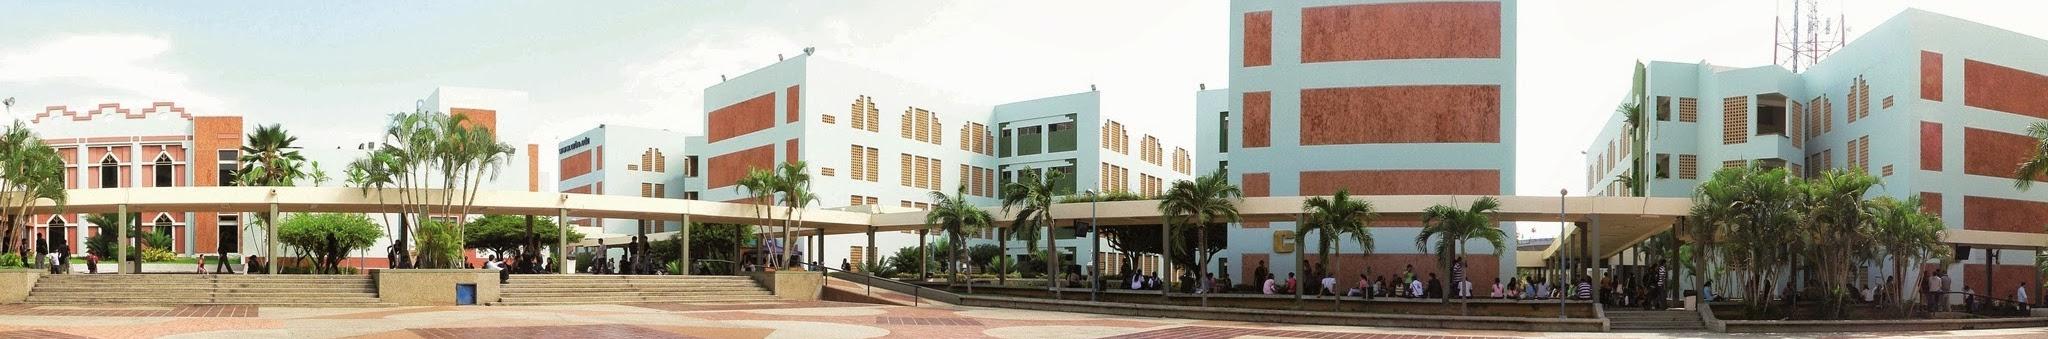 Universidad Dr. Rafael Belloso Chacín - URBE Campus